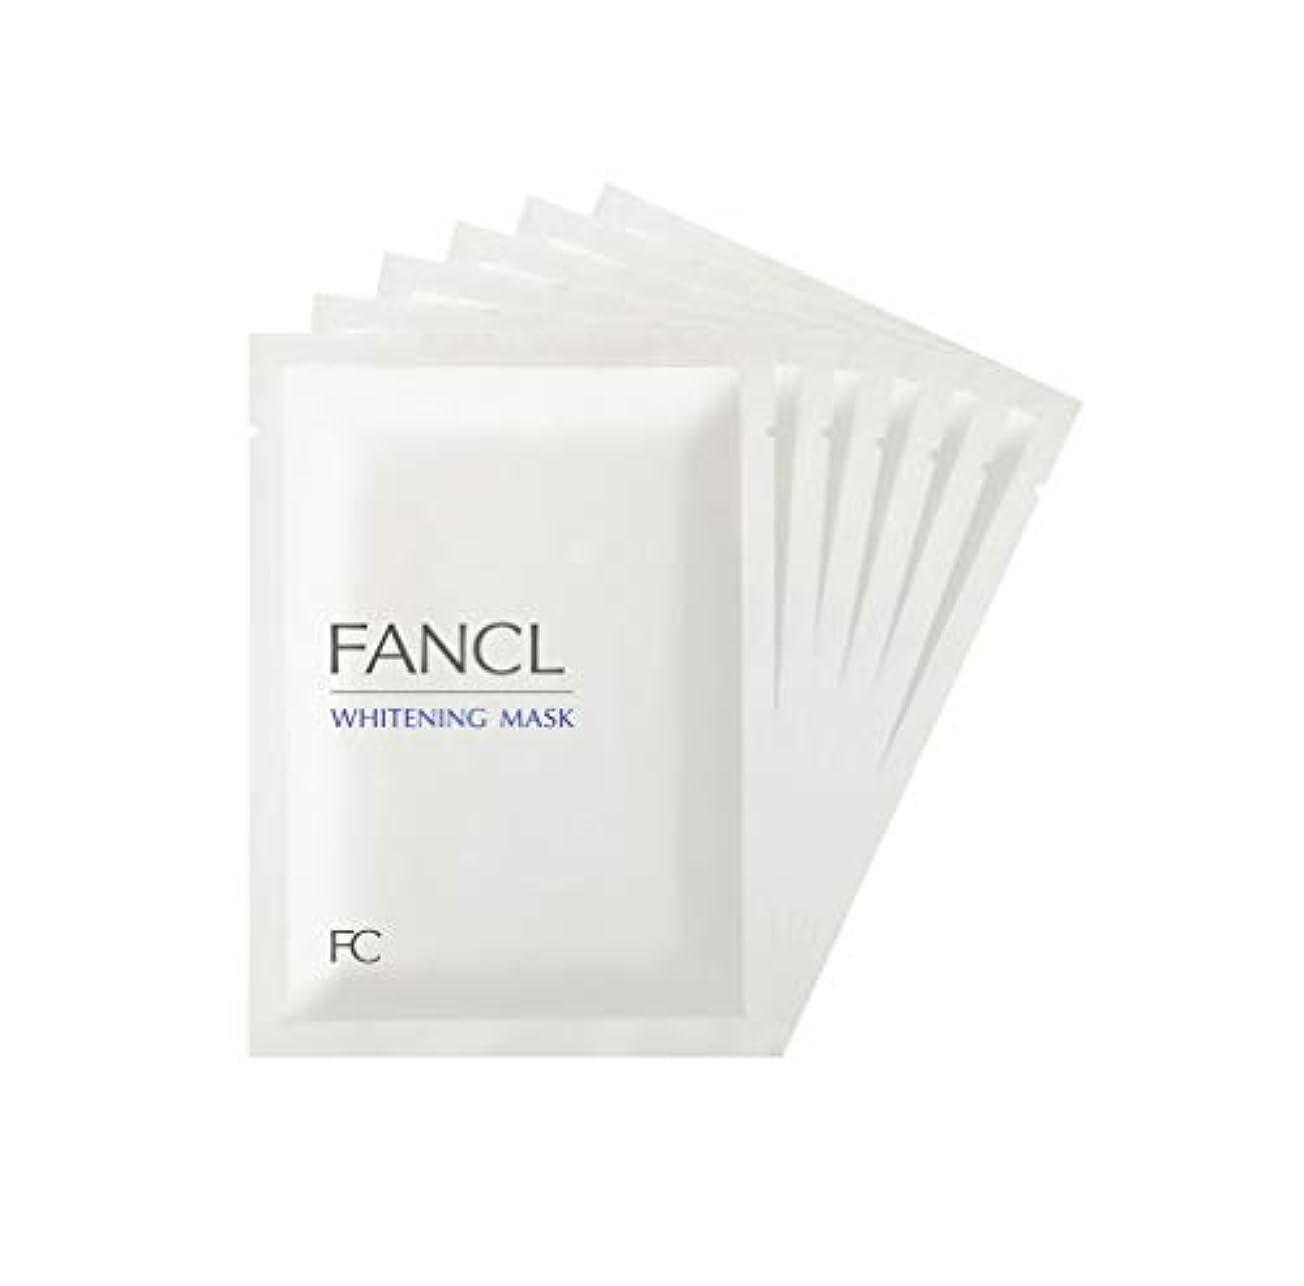 苛性誘発する納税者ファンケル (FANCL) 新 ホワイトニング マスク 6枚セット (21mL×6) 【医薬部外品】